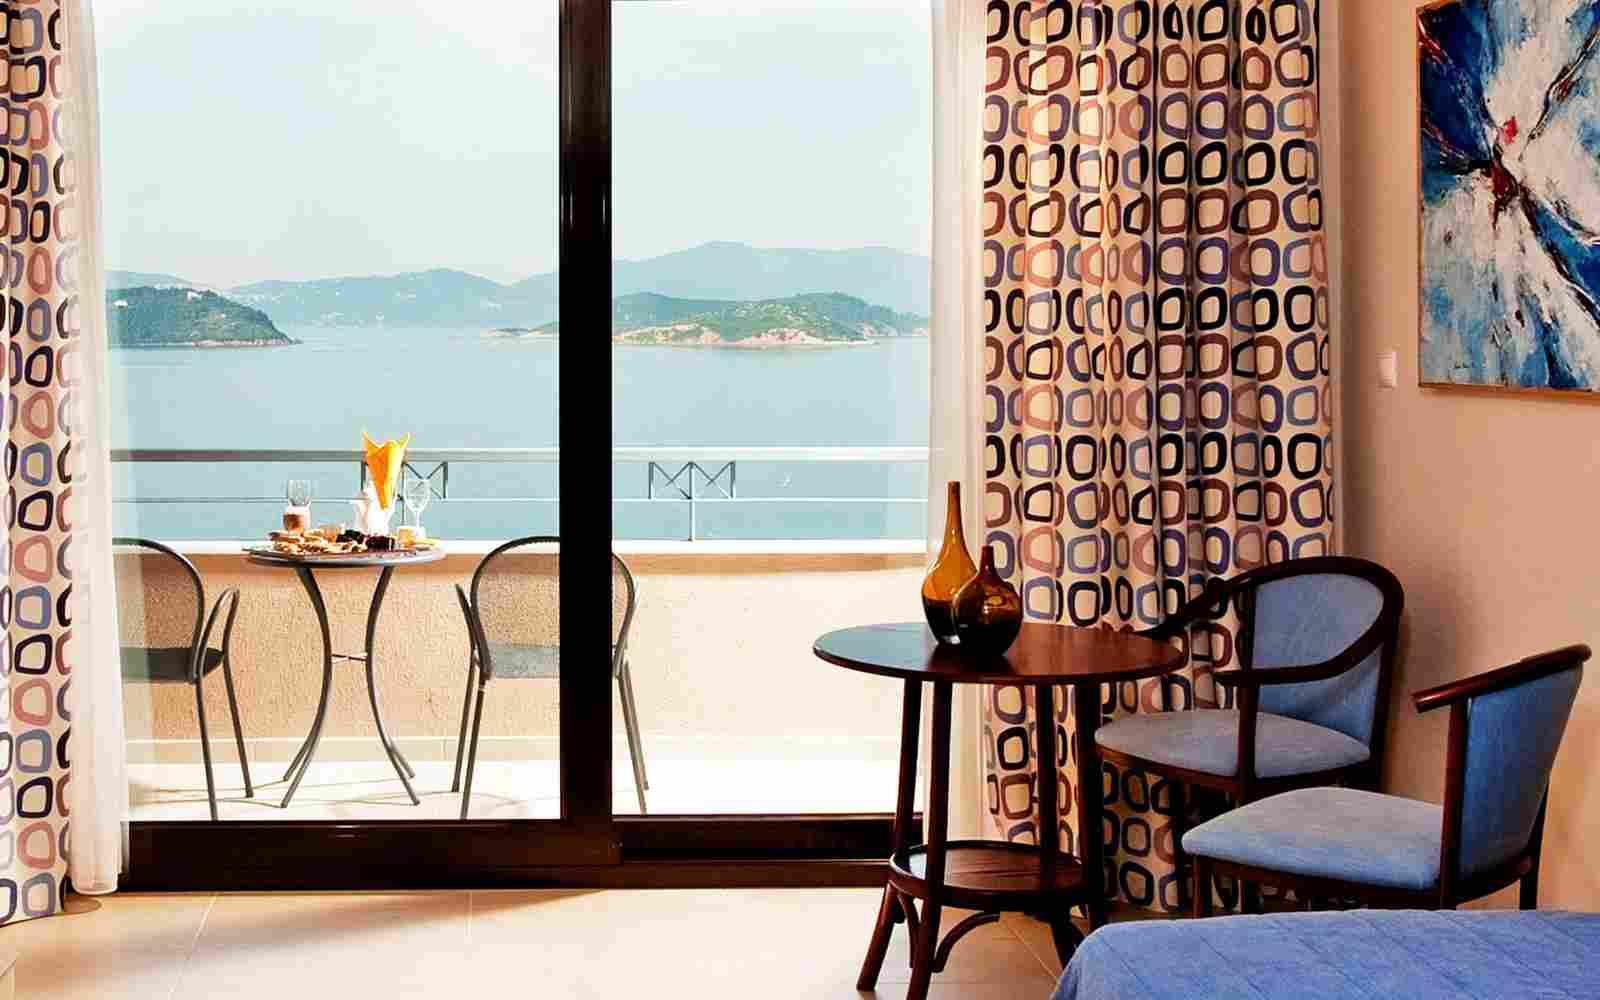 http://www.hotelsemiramisischia.it/wp-content/uploads/2016/03/summer-room-05.jpg